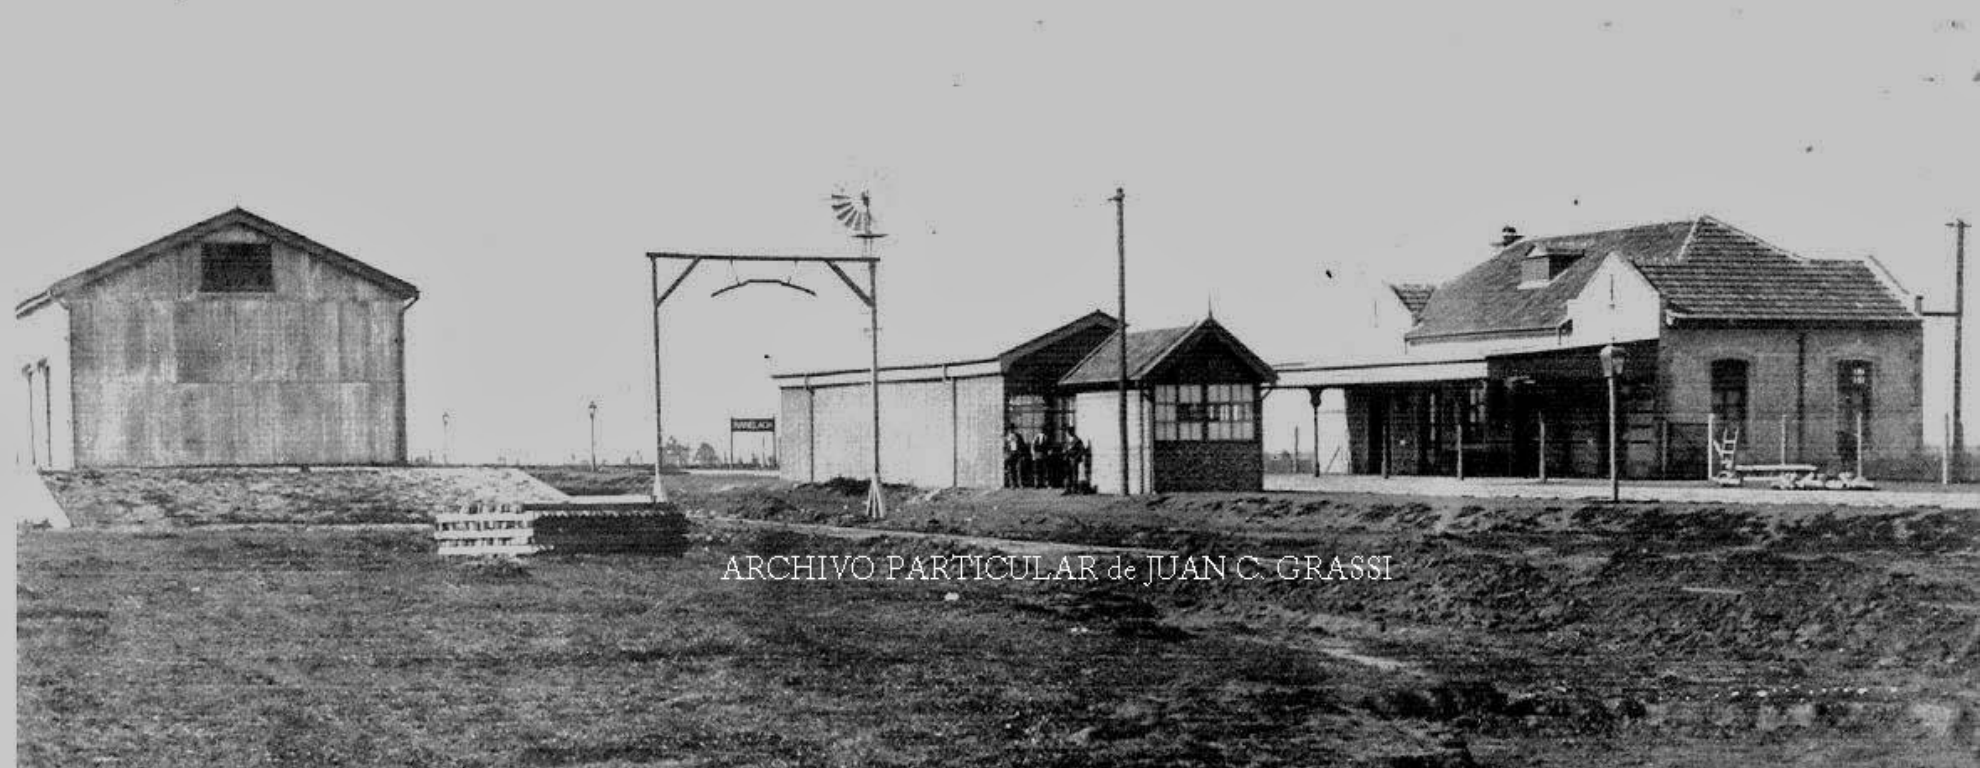 Estación de Ranelagh (1911)